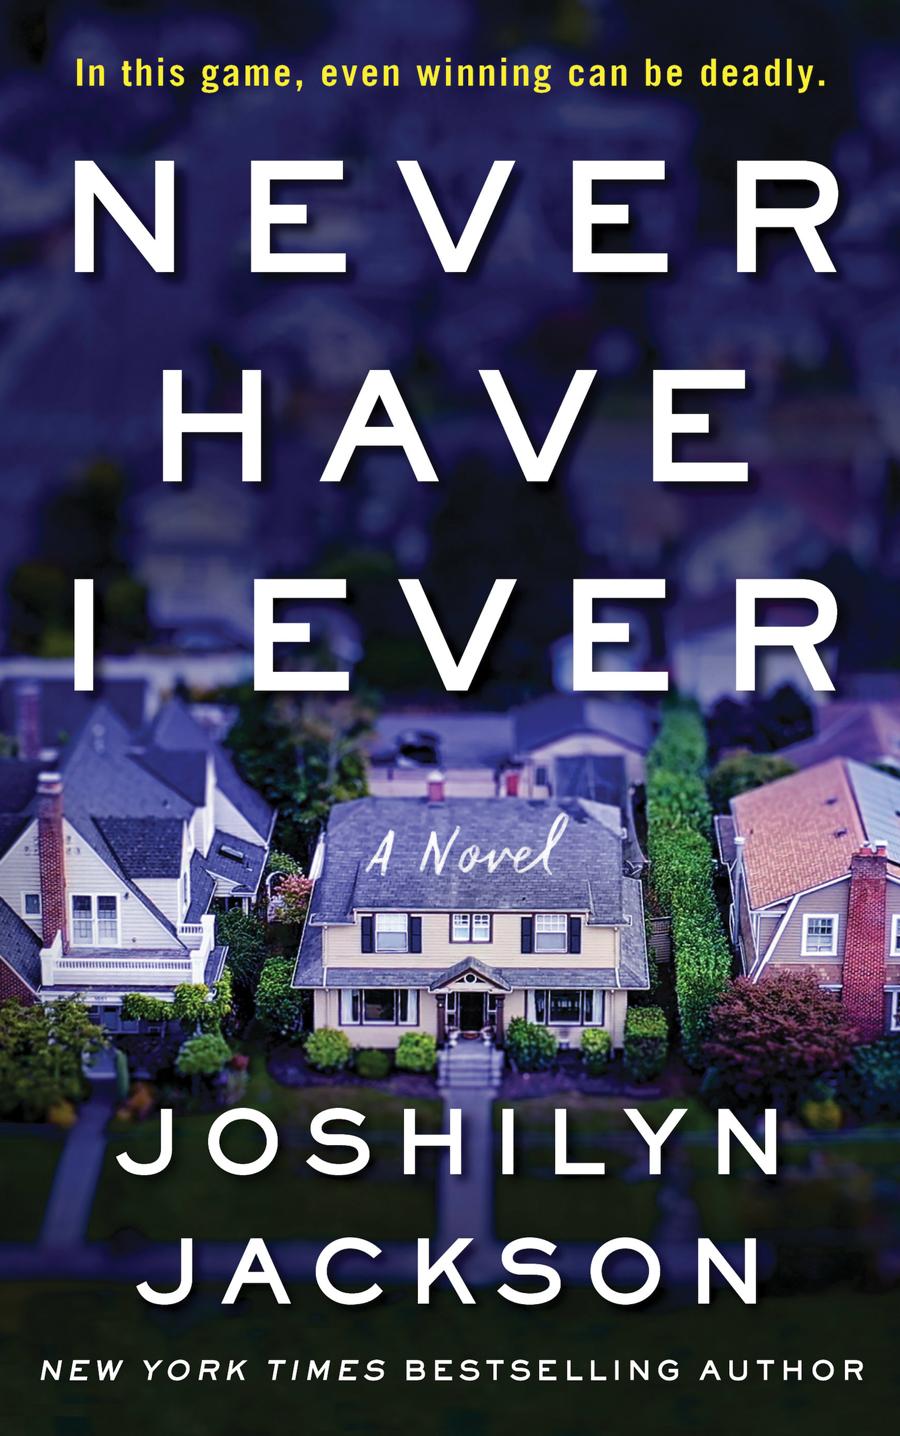 Atlanta Authors: Joshilyn Jackson